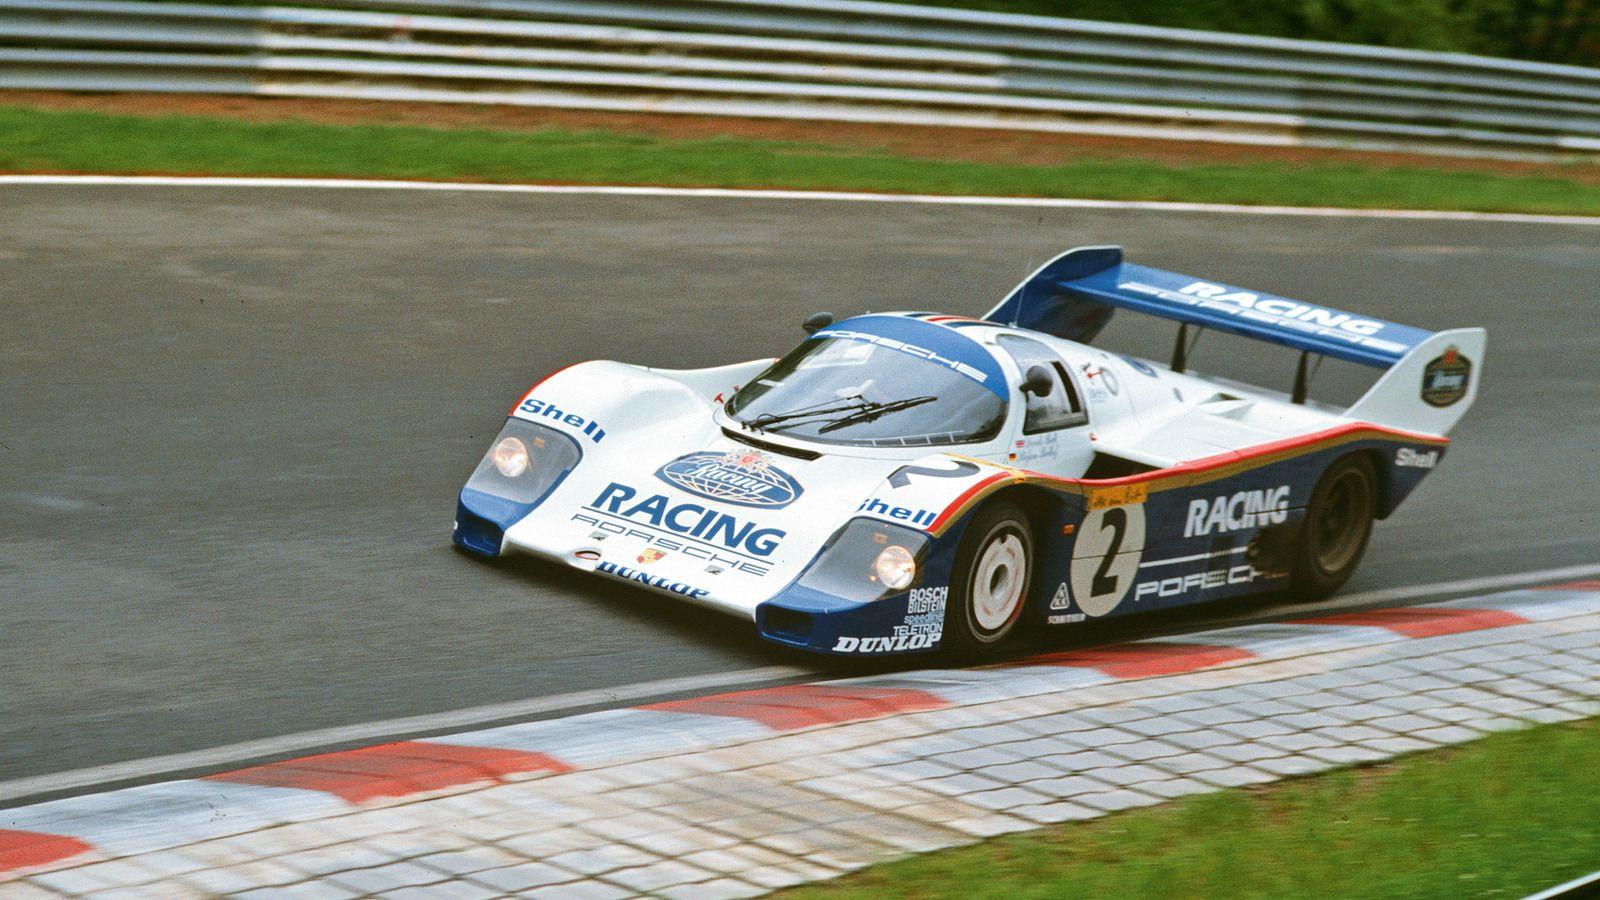 John Morton Tells You What Porsche to Race